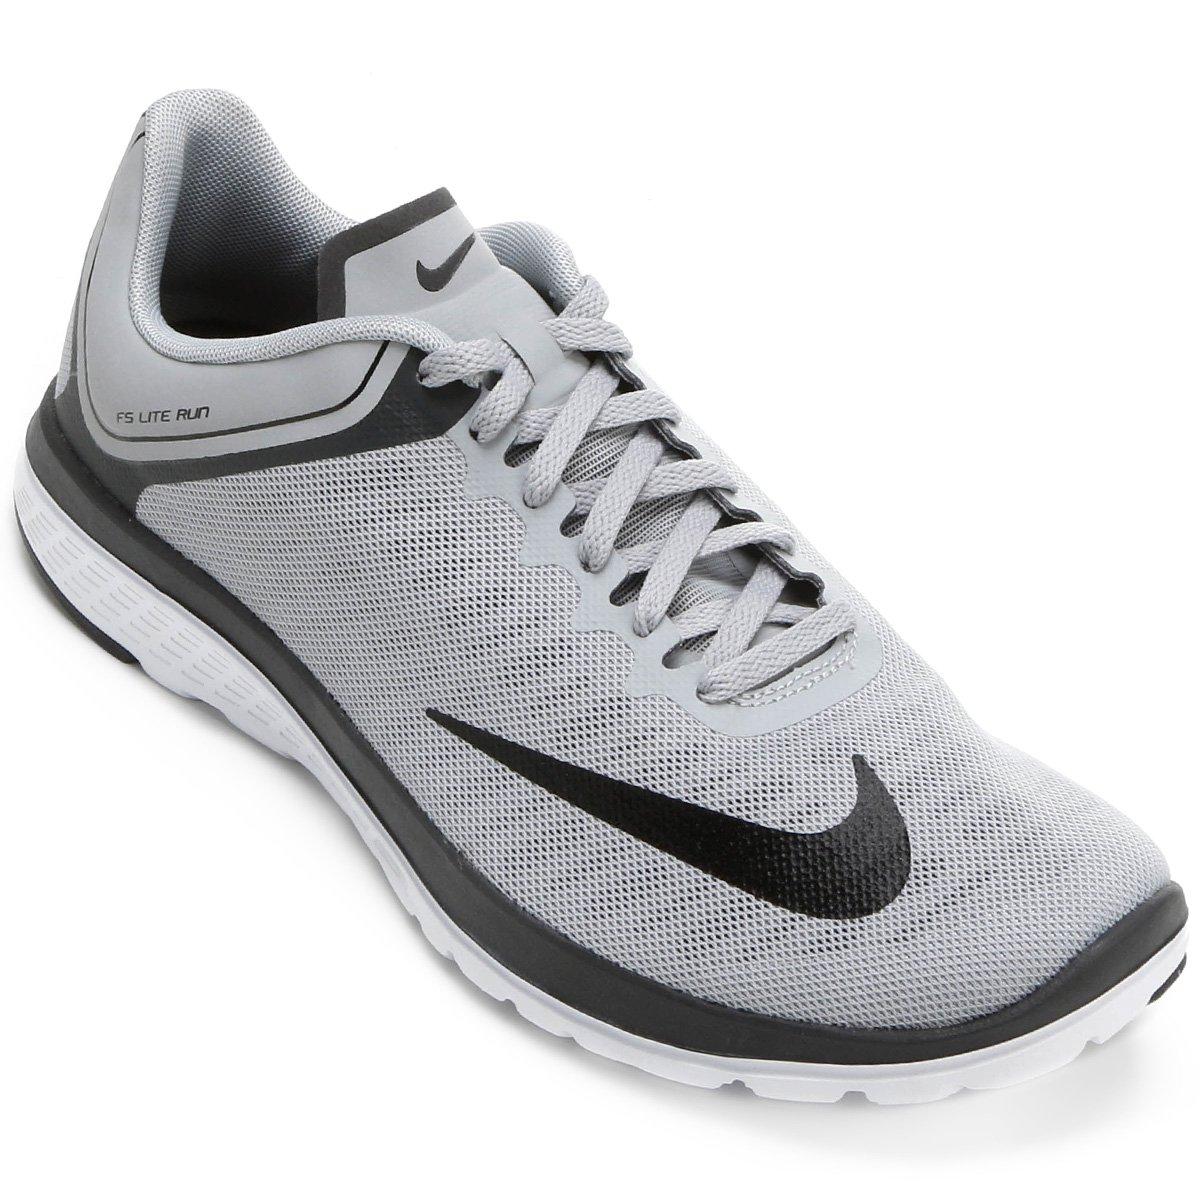 7c63d5033c7 Tênis Nike Fs Lite Run 4 Masculino - Compre Agora